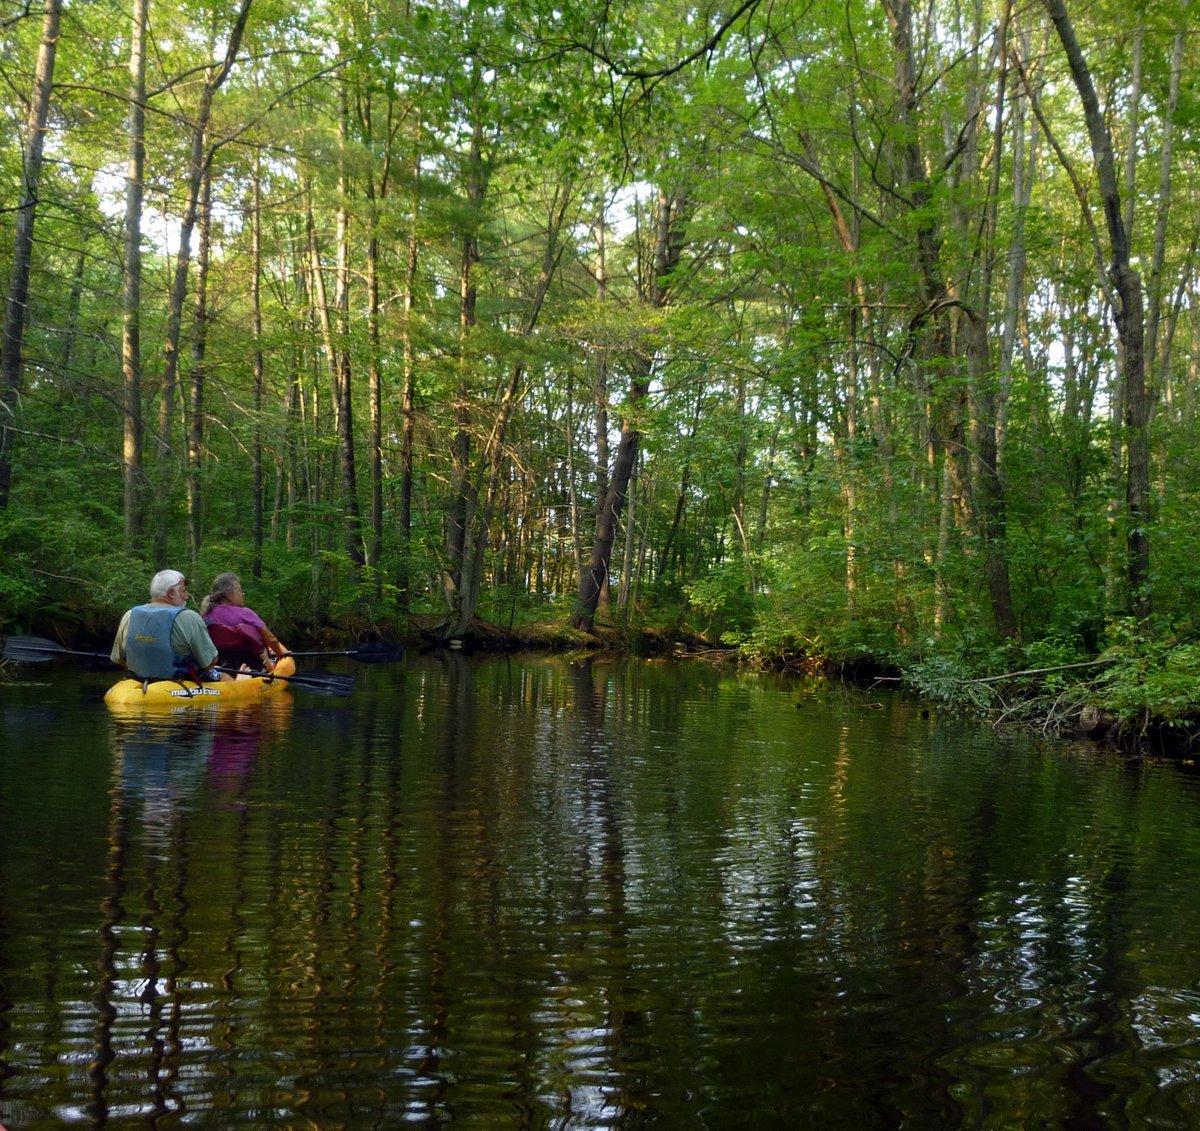 4. Kayaking